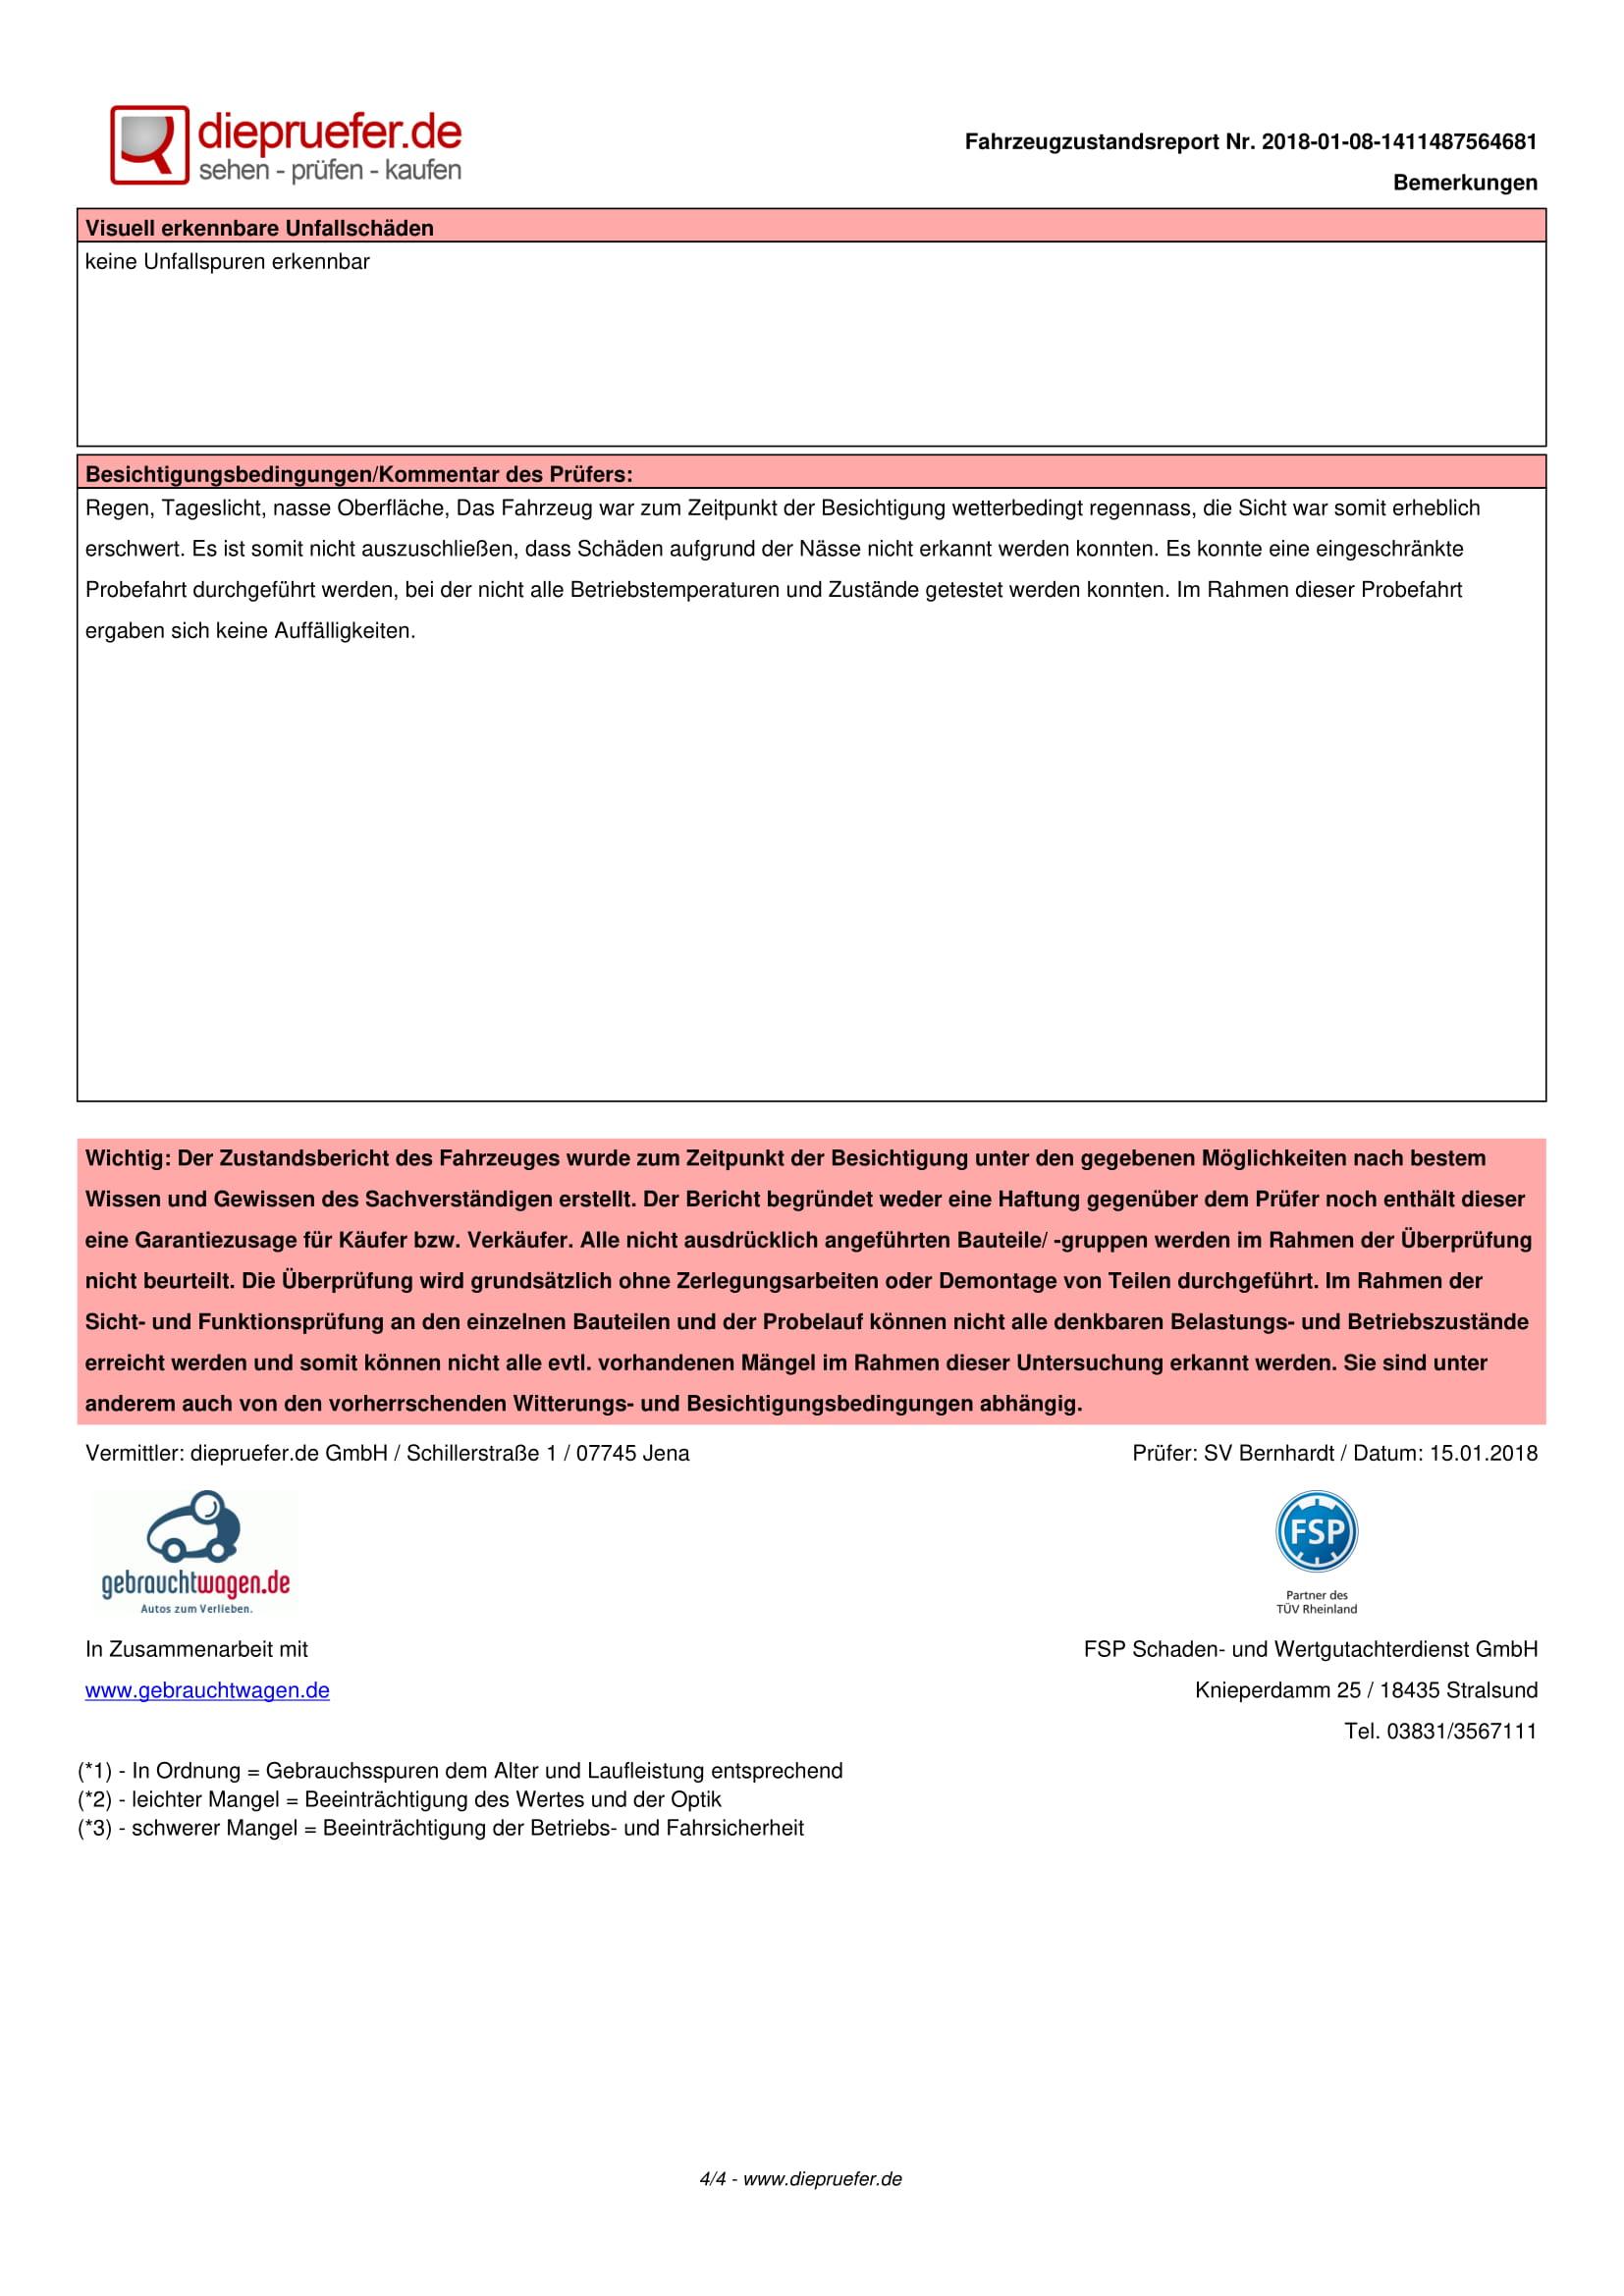 Протокол Проверка на употребяван автомобил в Германия - VW Passat Variant 2014 2.0 TDI 140 к.с. (4)